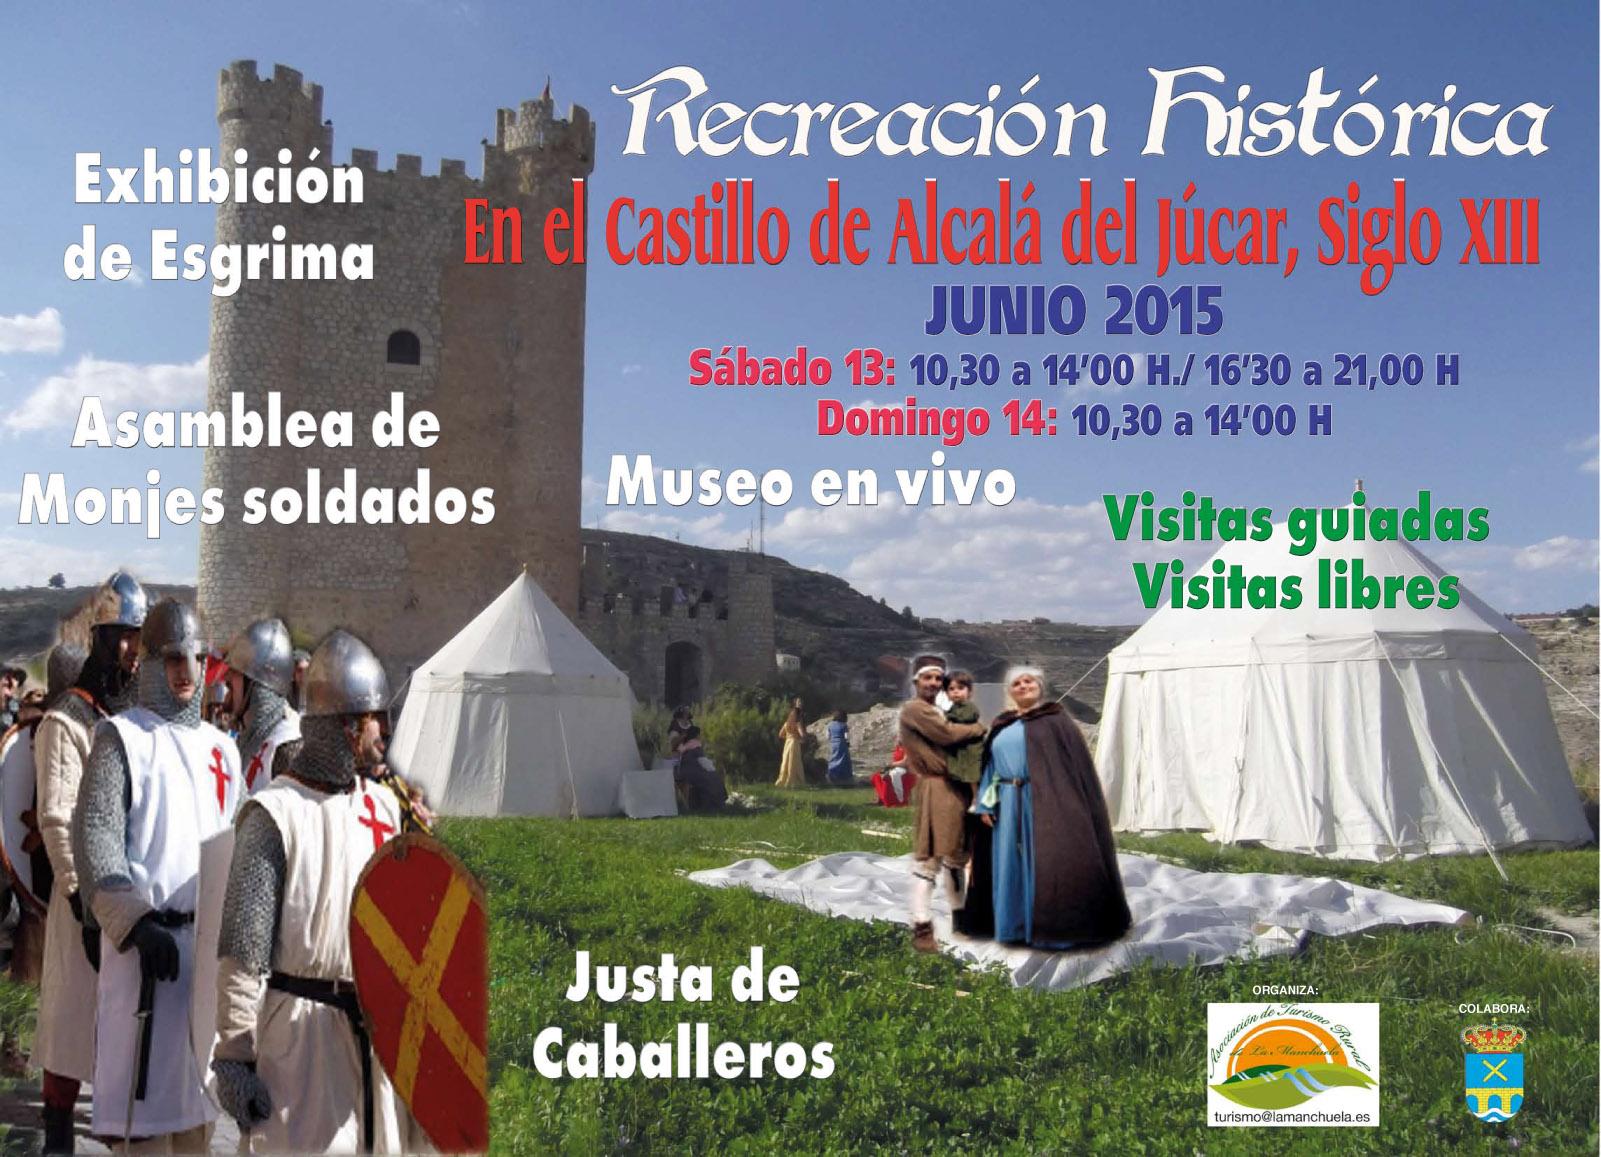 Recreacion historica alcala del jucar casas rurales alcal del j car - Casa rural el castillo alcala del jucar ...